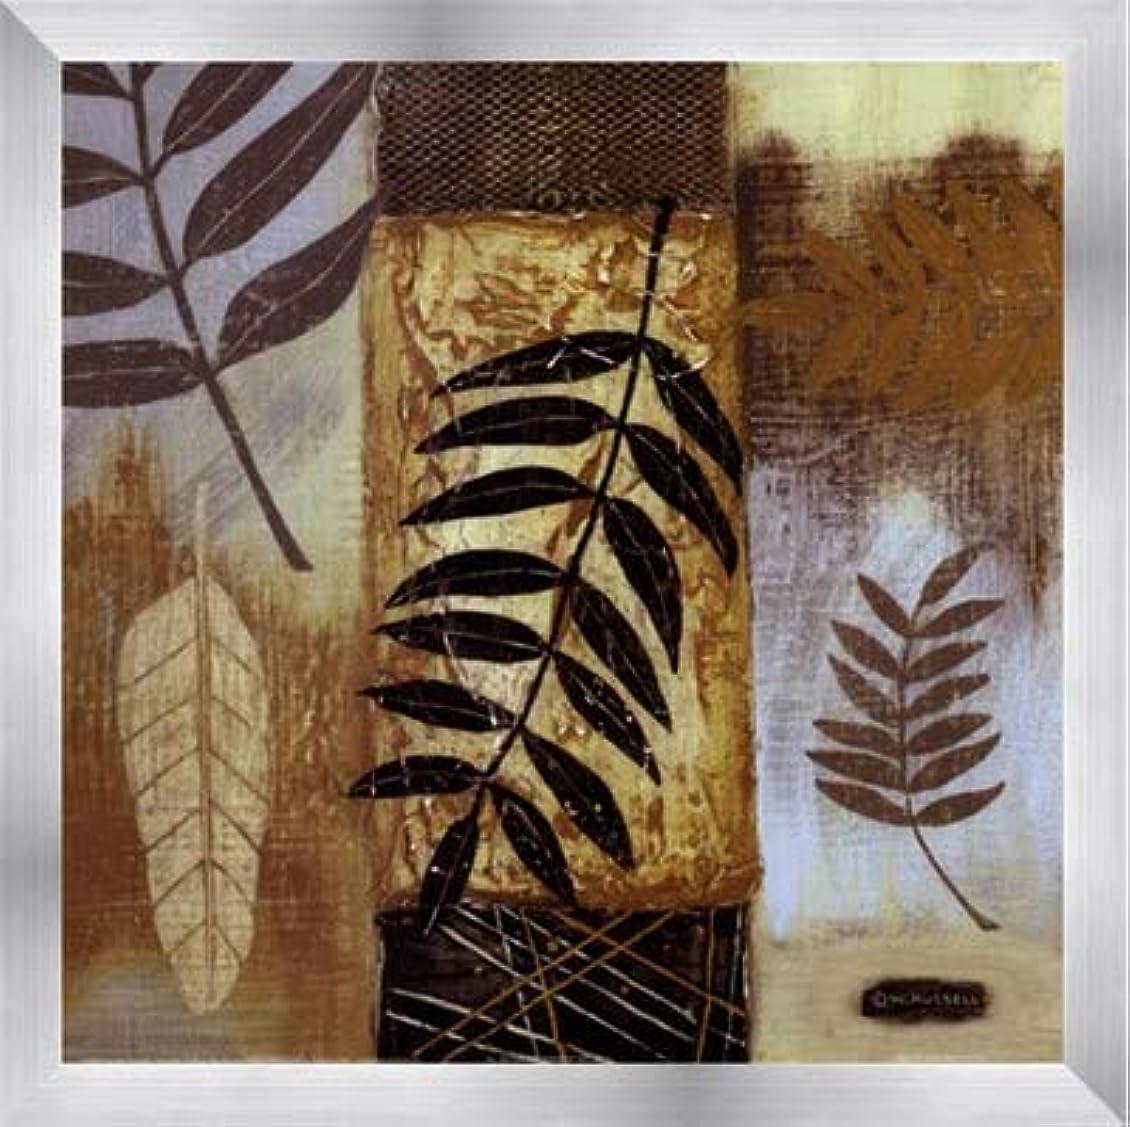 無効にする小数反論者自然のパターンI by Wendy Russell – 12 x 12インチ – アートプリントポスター 12 x 12 Inch LE_255654-F9935-12x12